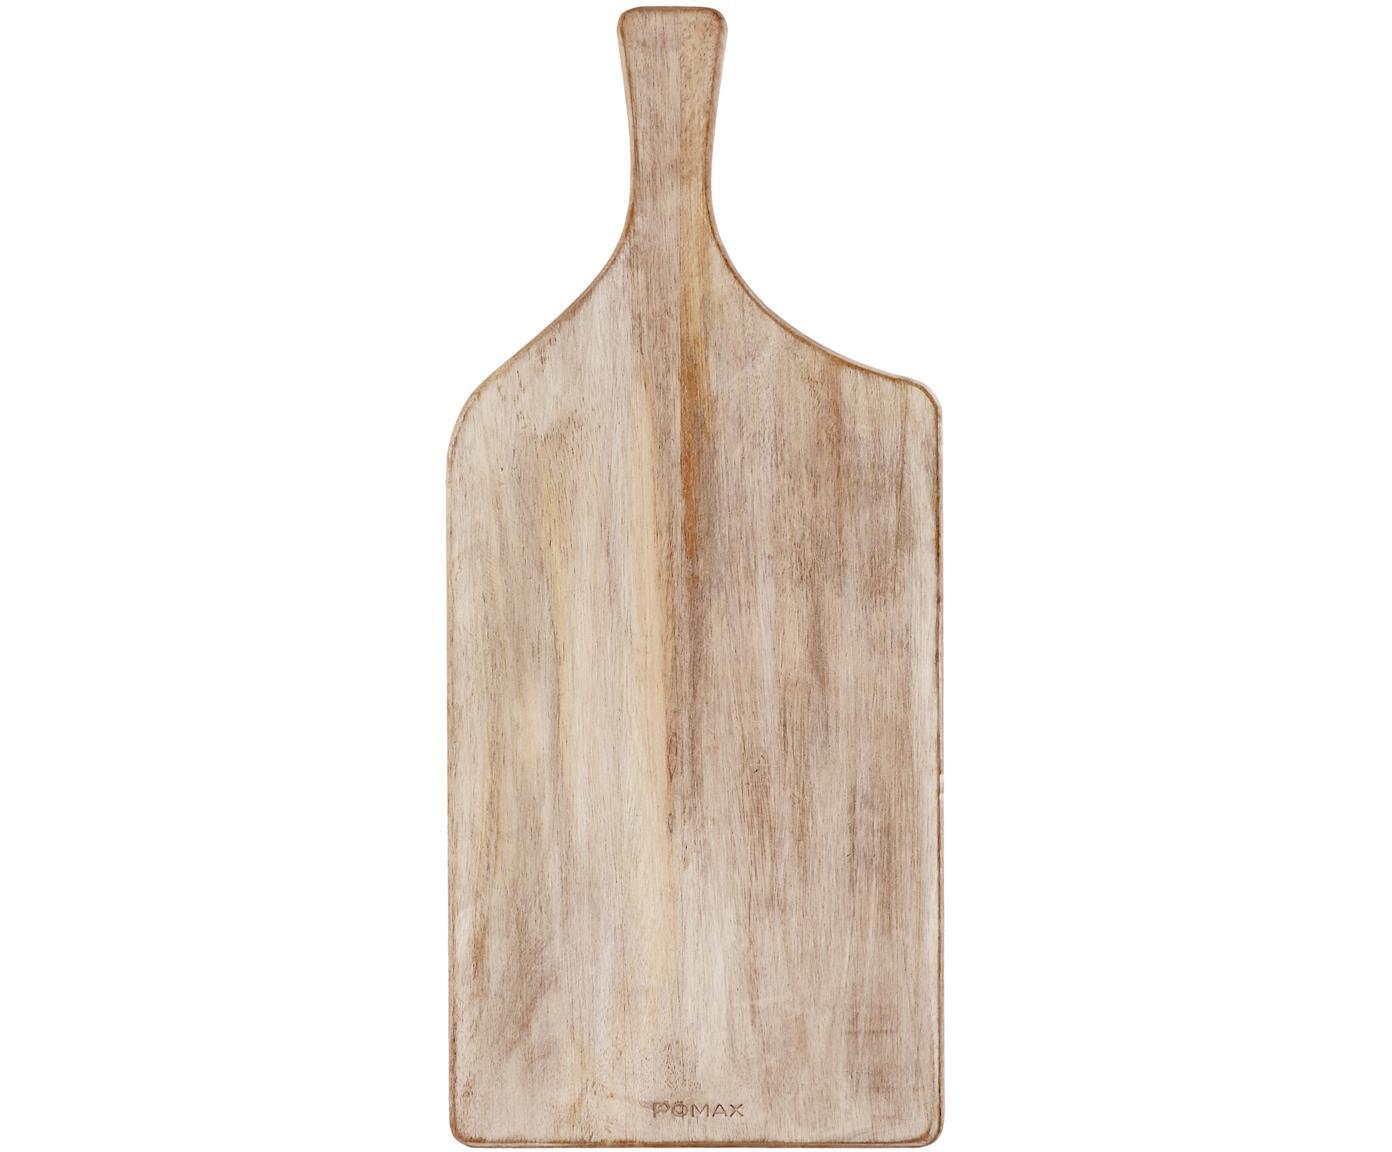 Deska do krojenia z drewna mangowego Limitless, Drewno mangowe, powlekane, Drewno mangowe, S 50 x G 22 cm